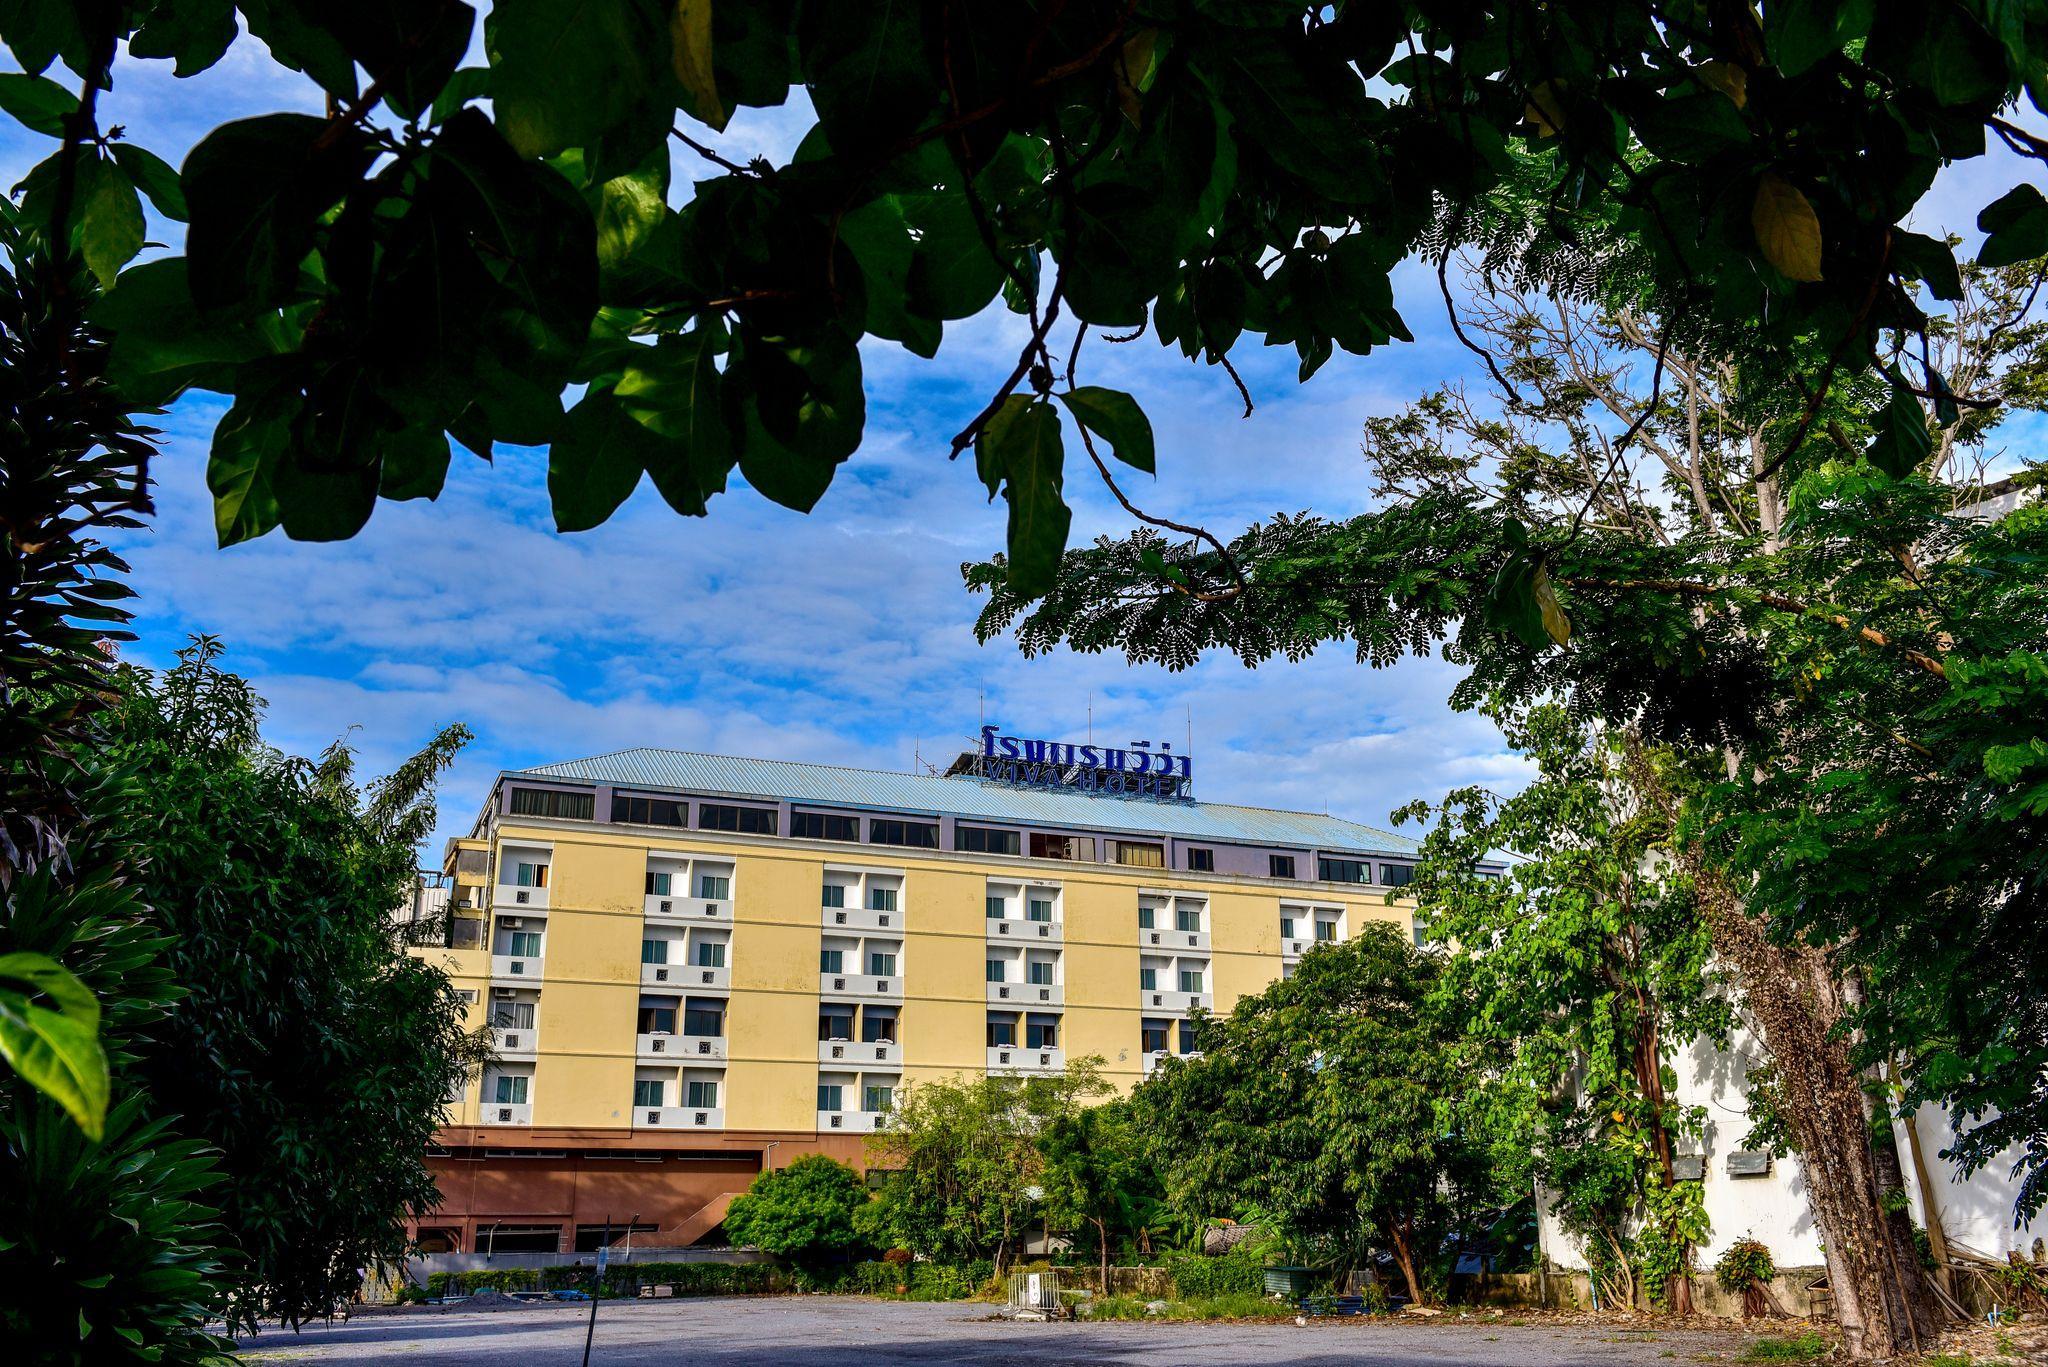 宋卡维瓦酒店,โรงแรมวีว่า สงขลา